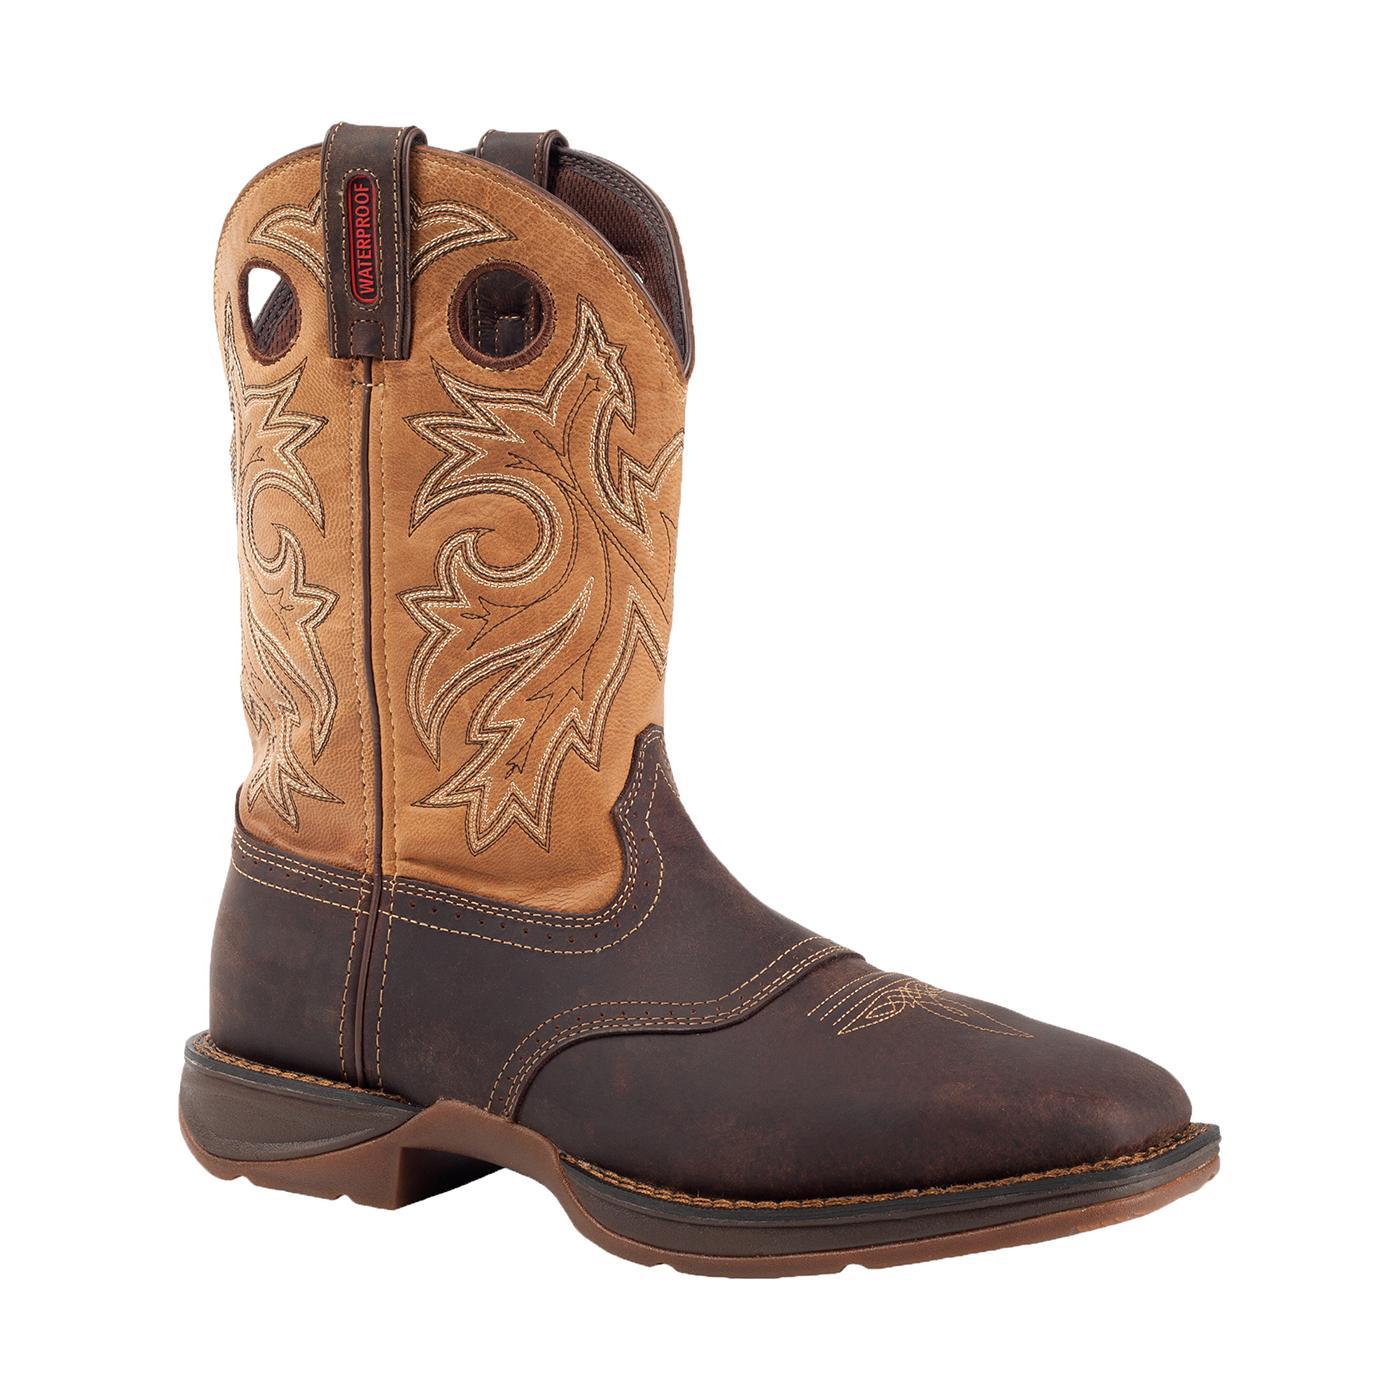 4ea3c344400 Rebel by Durango Steel Toe Waterproof Western Boot